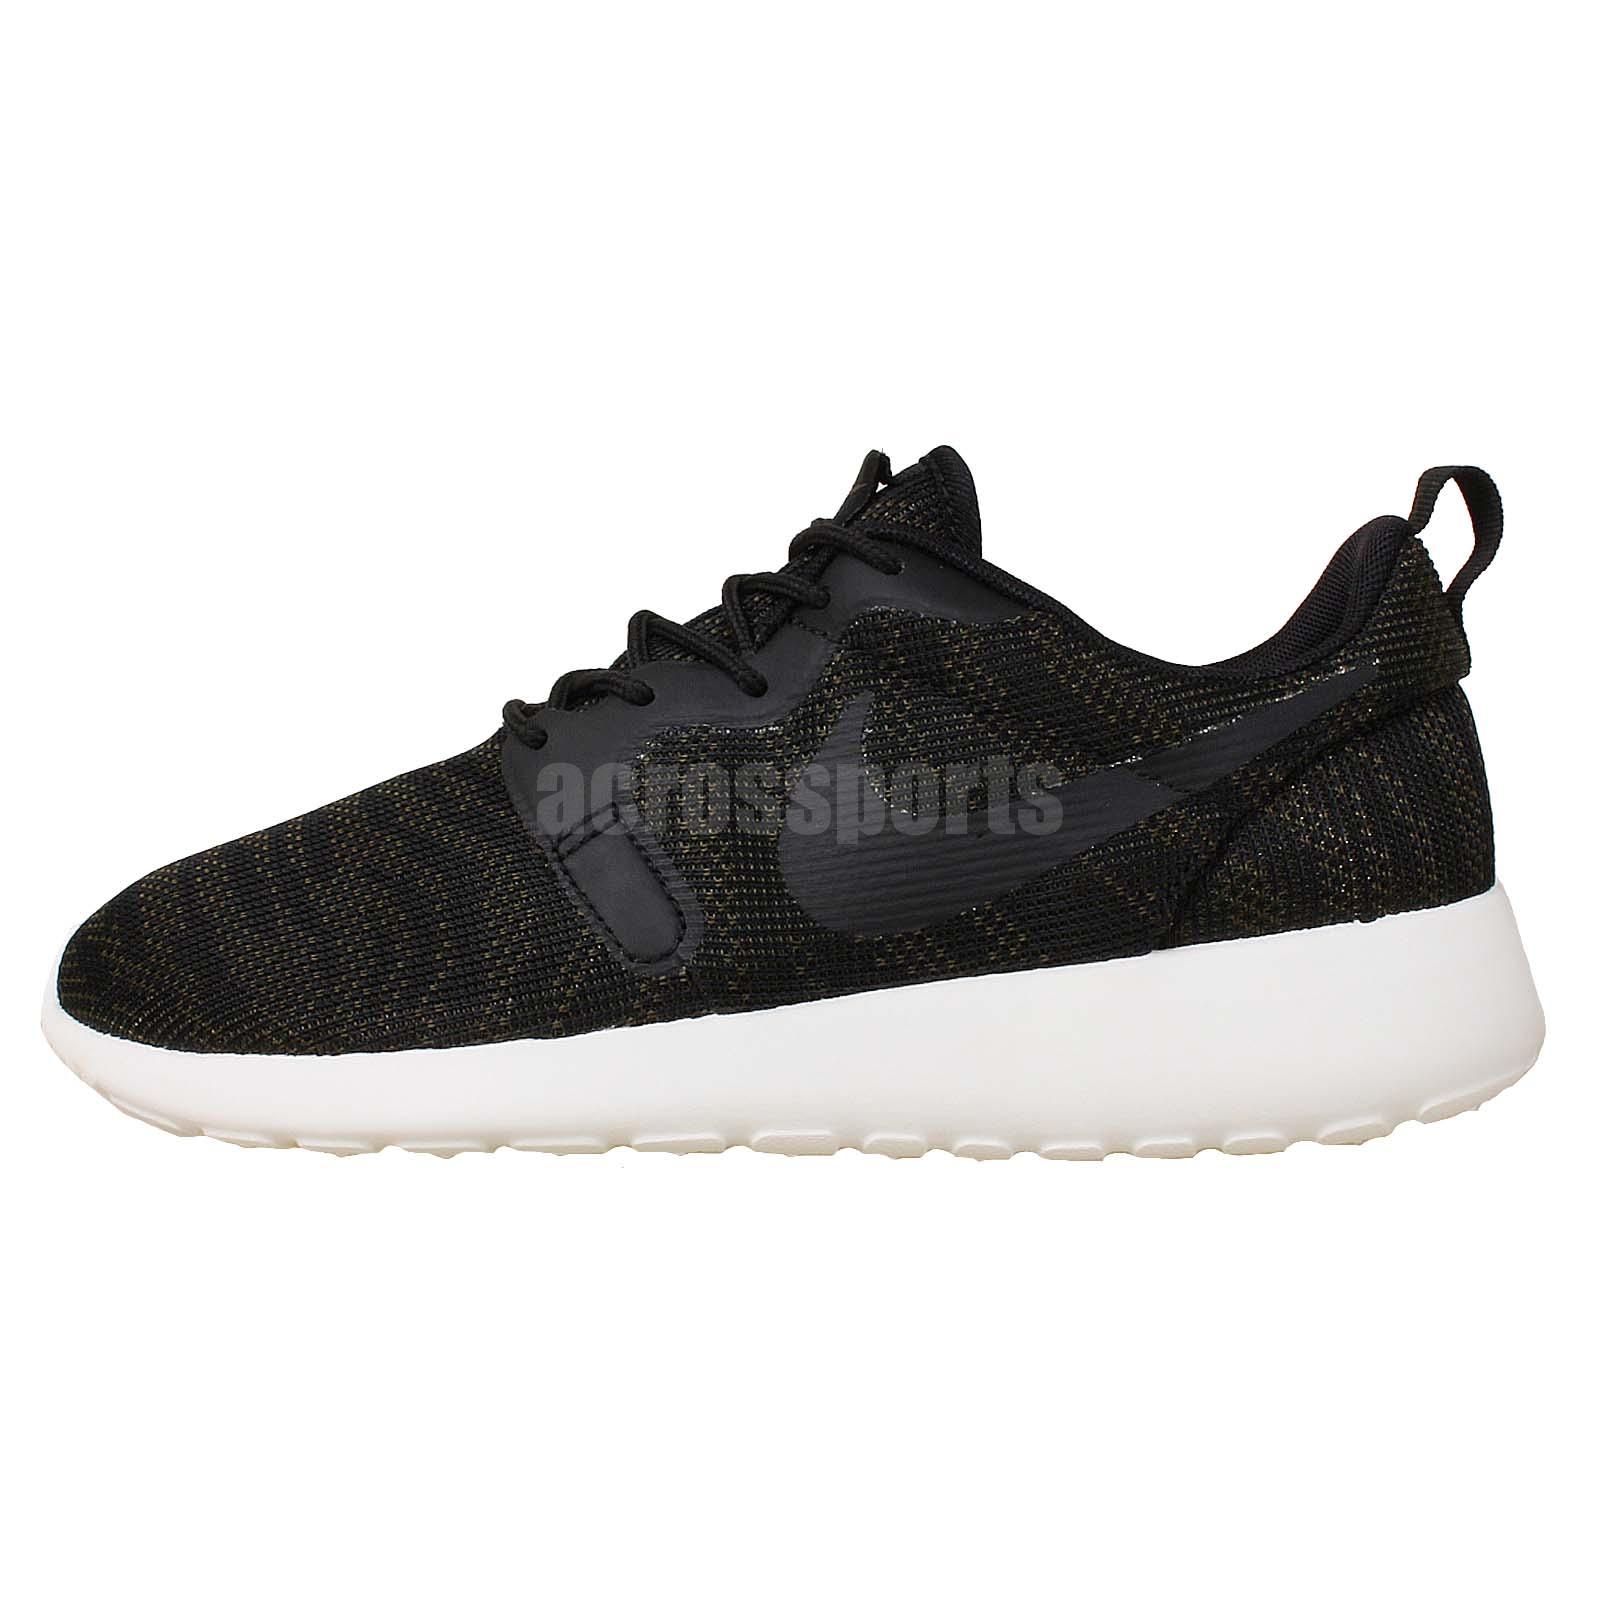 Details about Nike Wmns Rosherun KJCRD Jacquard Roshe Run New Black